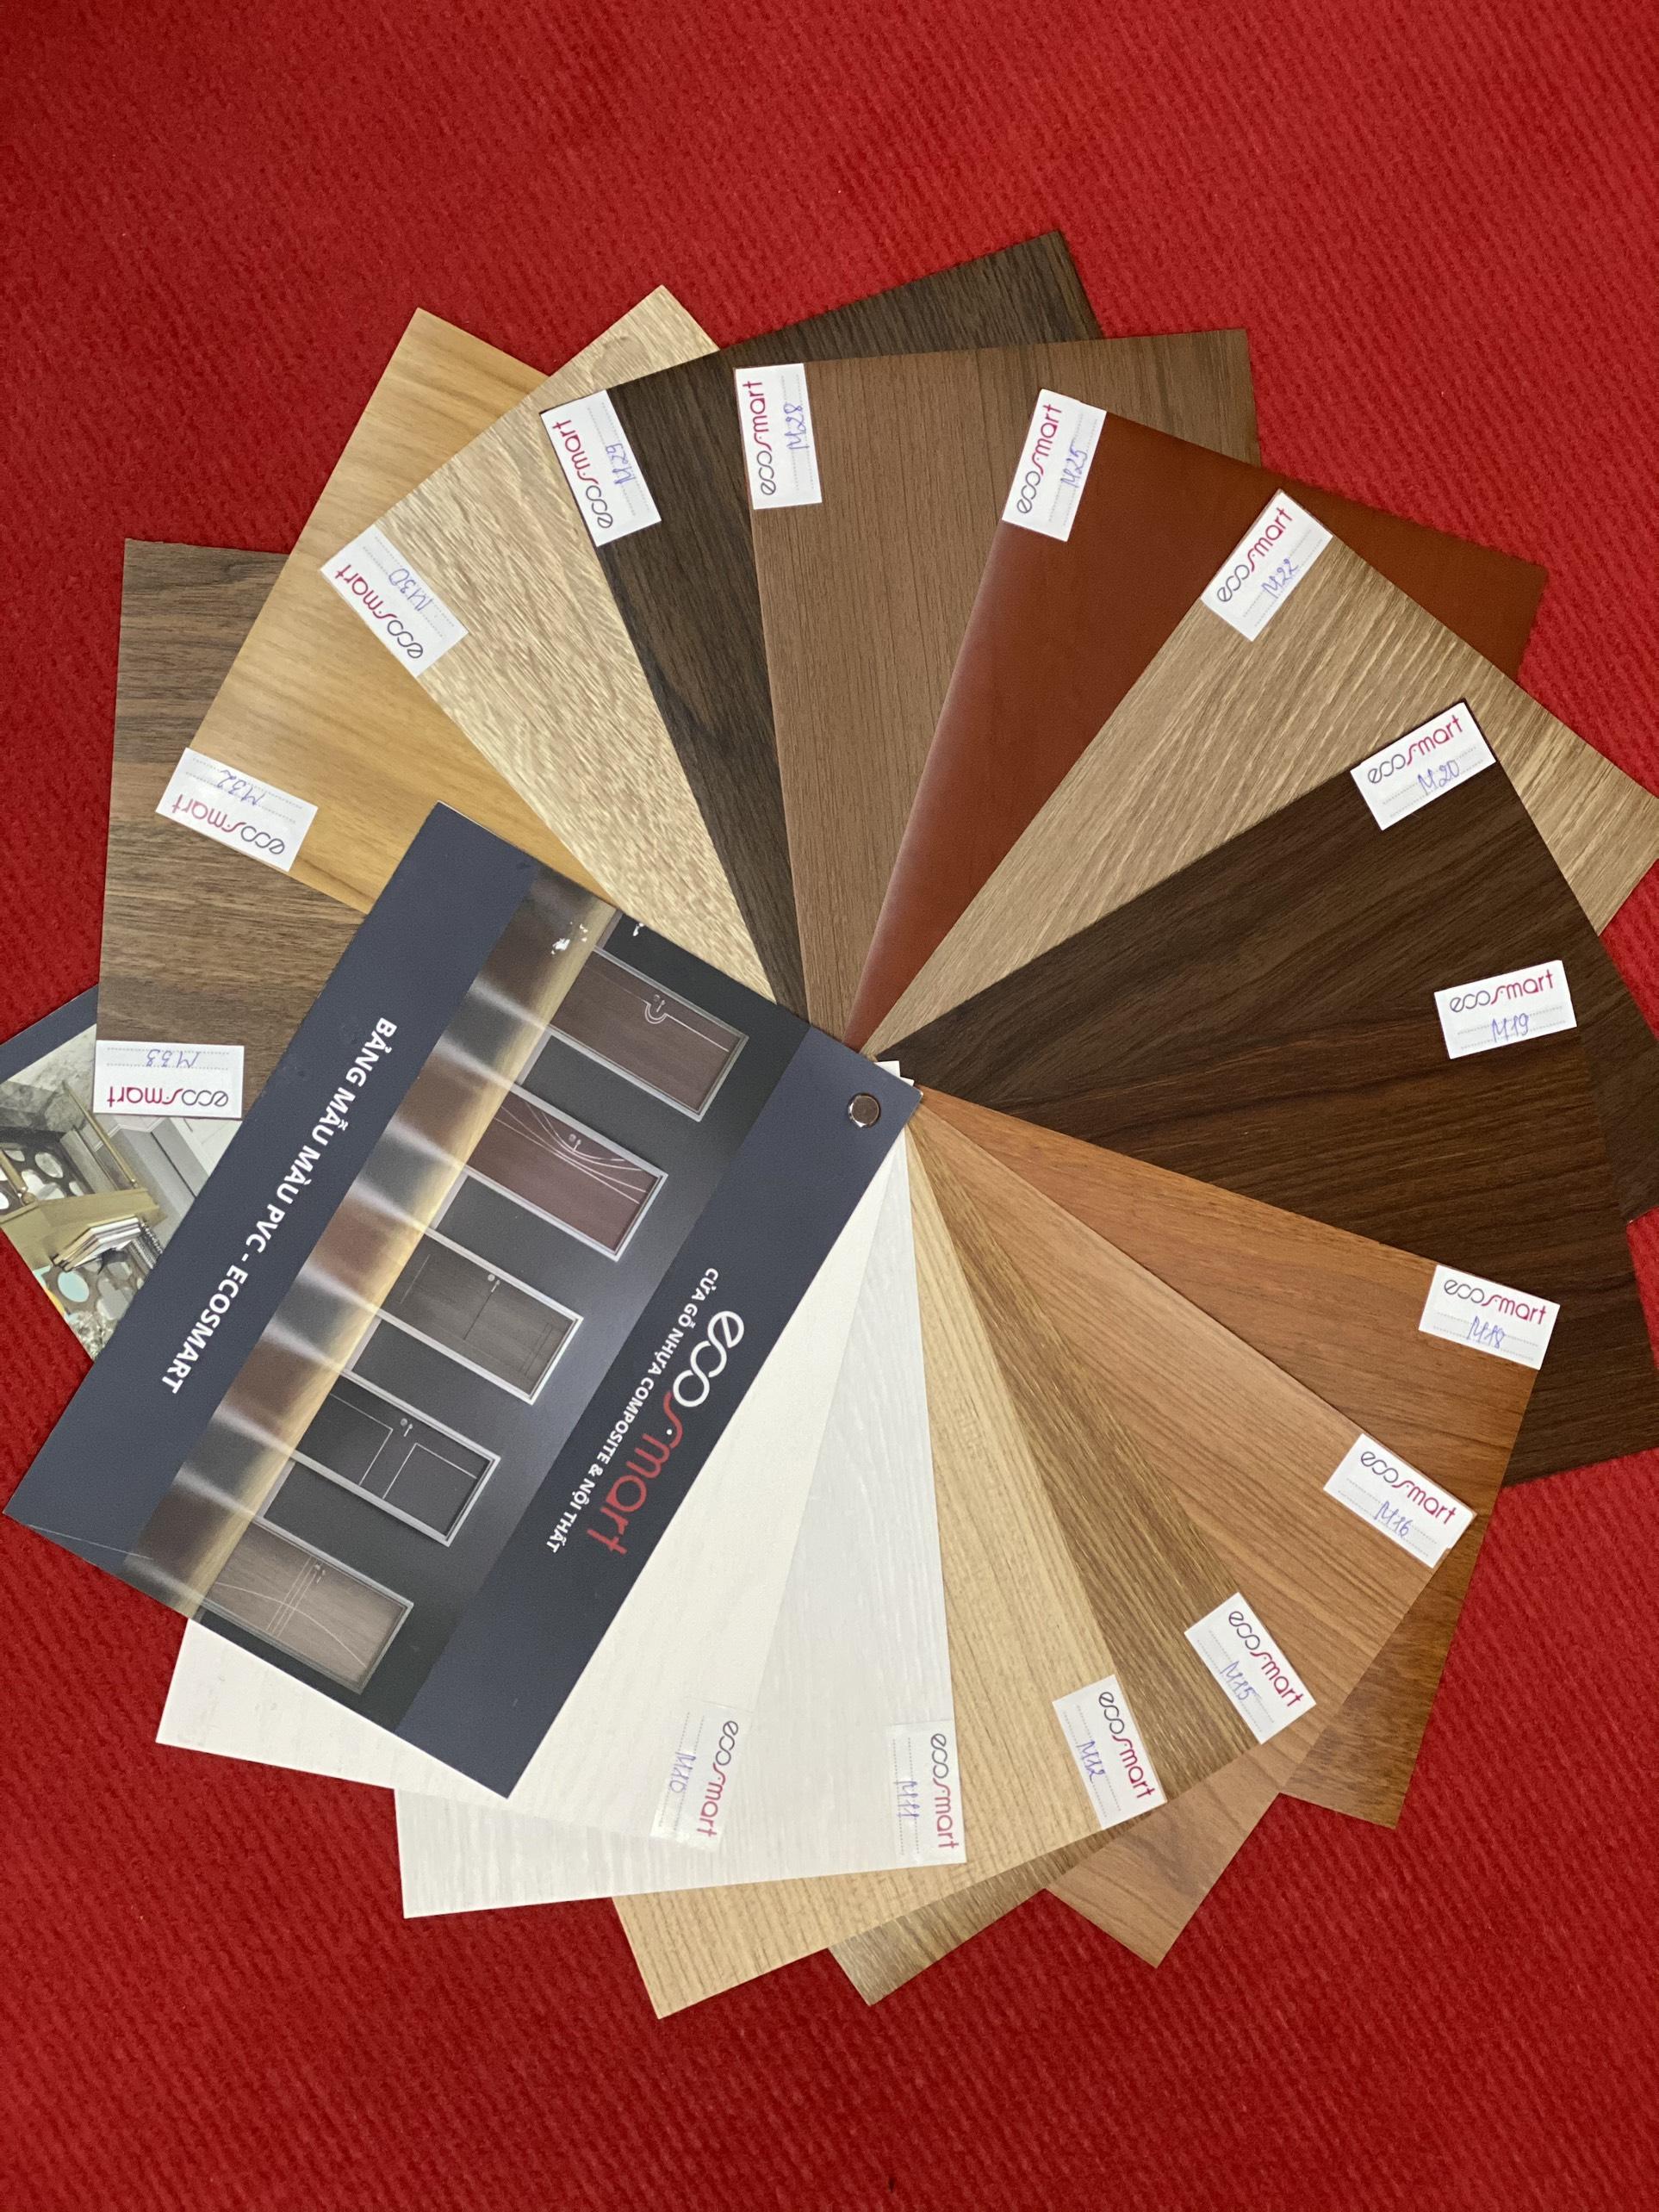 z2122569030946 8a3c4b0c09038e2dd67e0e2e5b8f7343 - ECOSMART - Thương hiệu cửa gỗ nhựa Composite thu hút nhiều khách thăm quan tại Vietbuild Hà Nội 2020